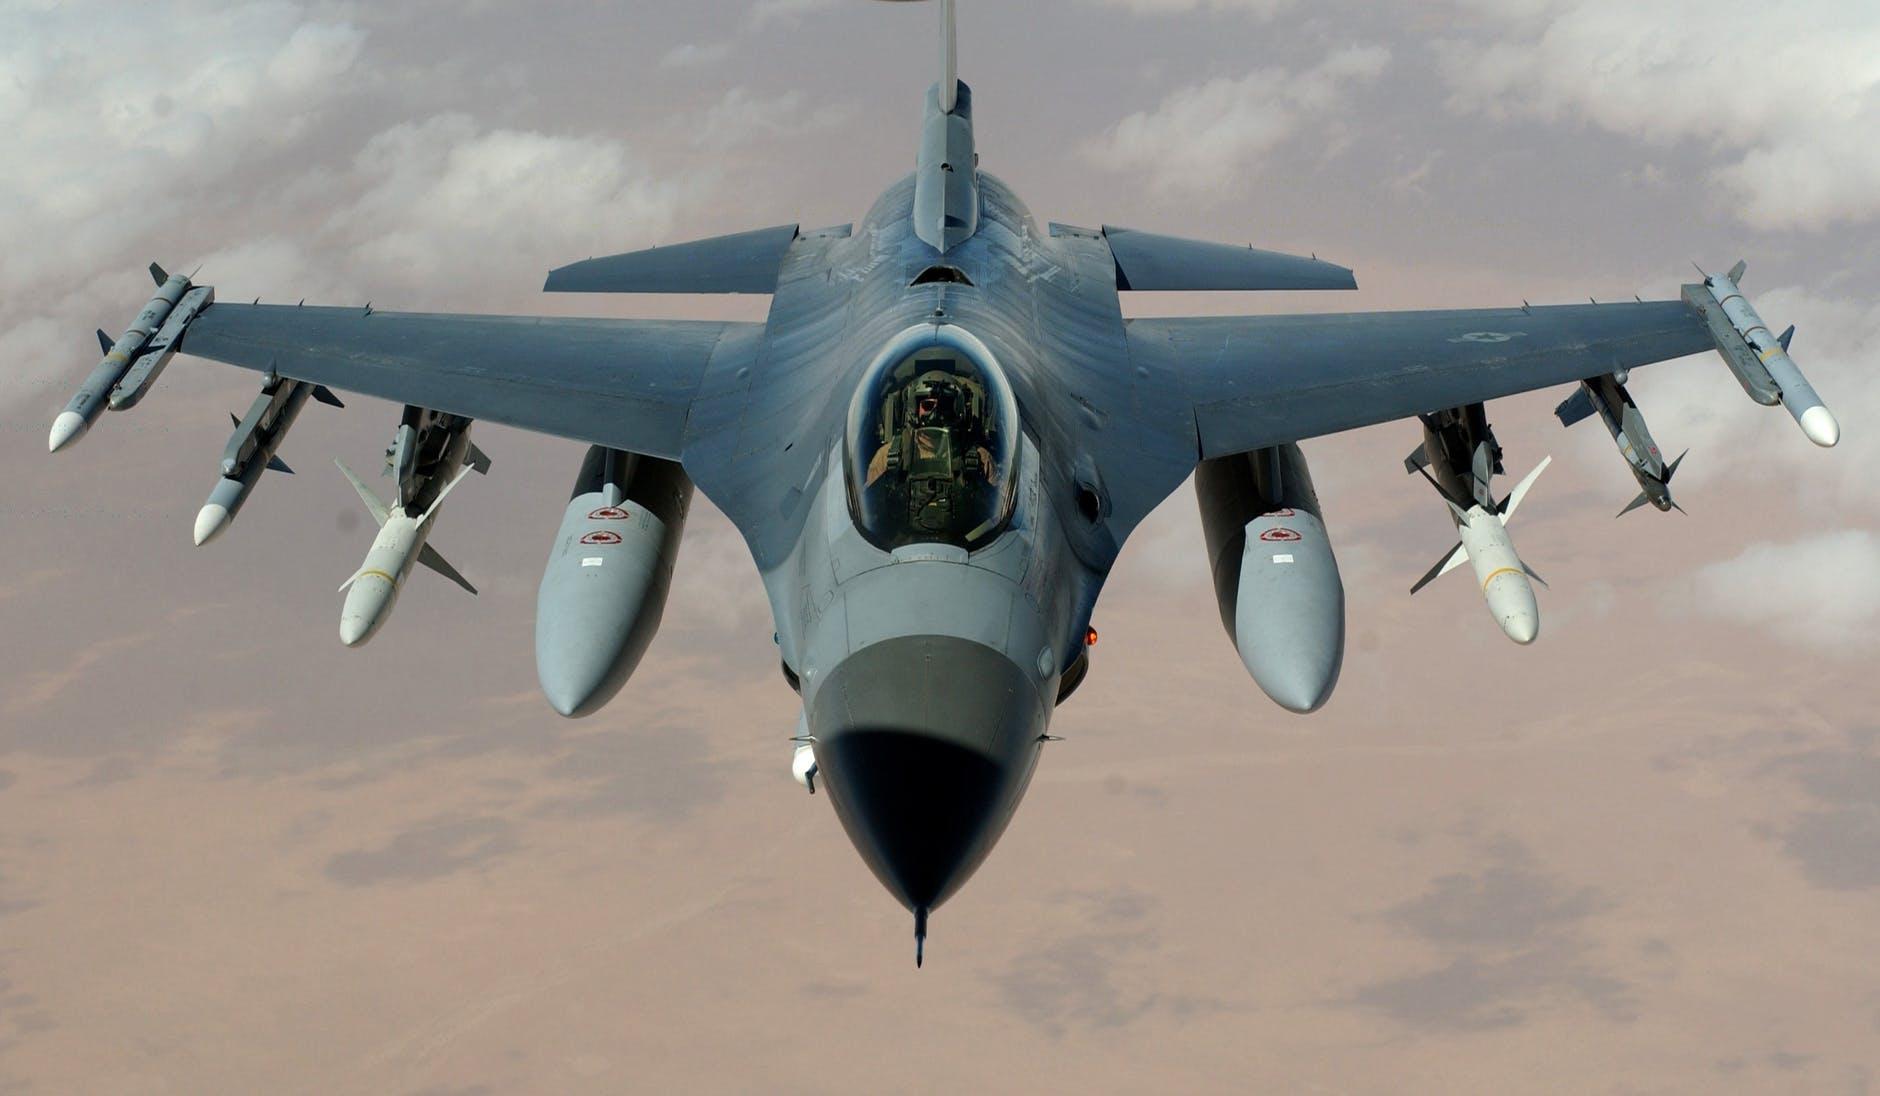 Avion de luptă - F16 Falcon.